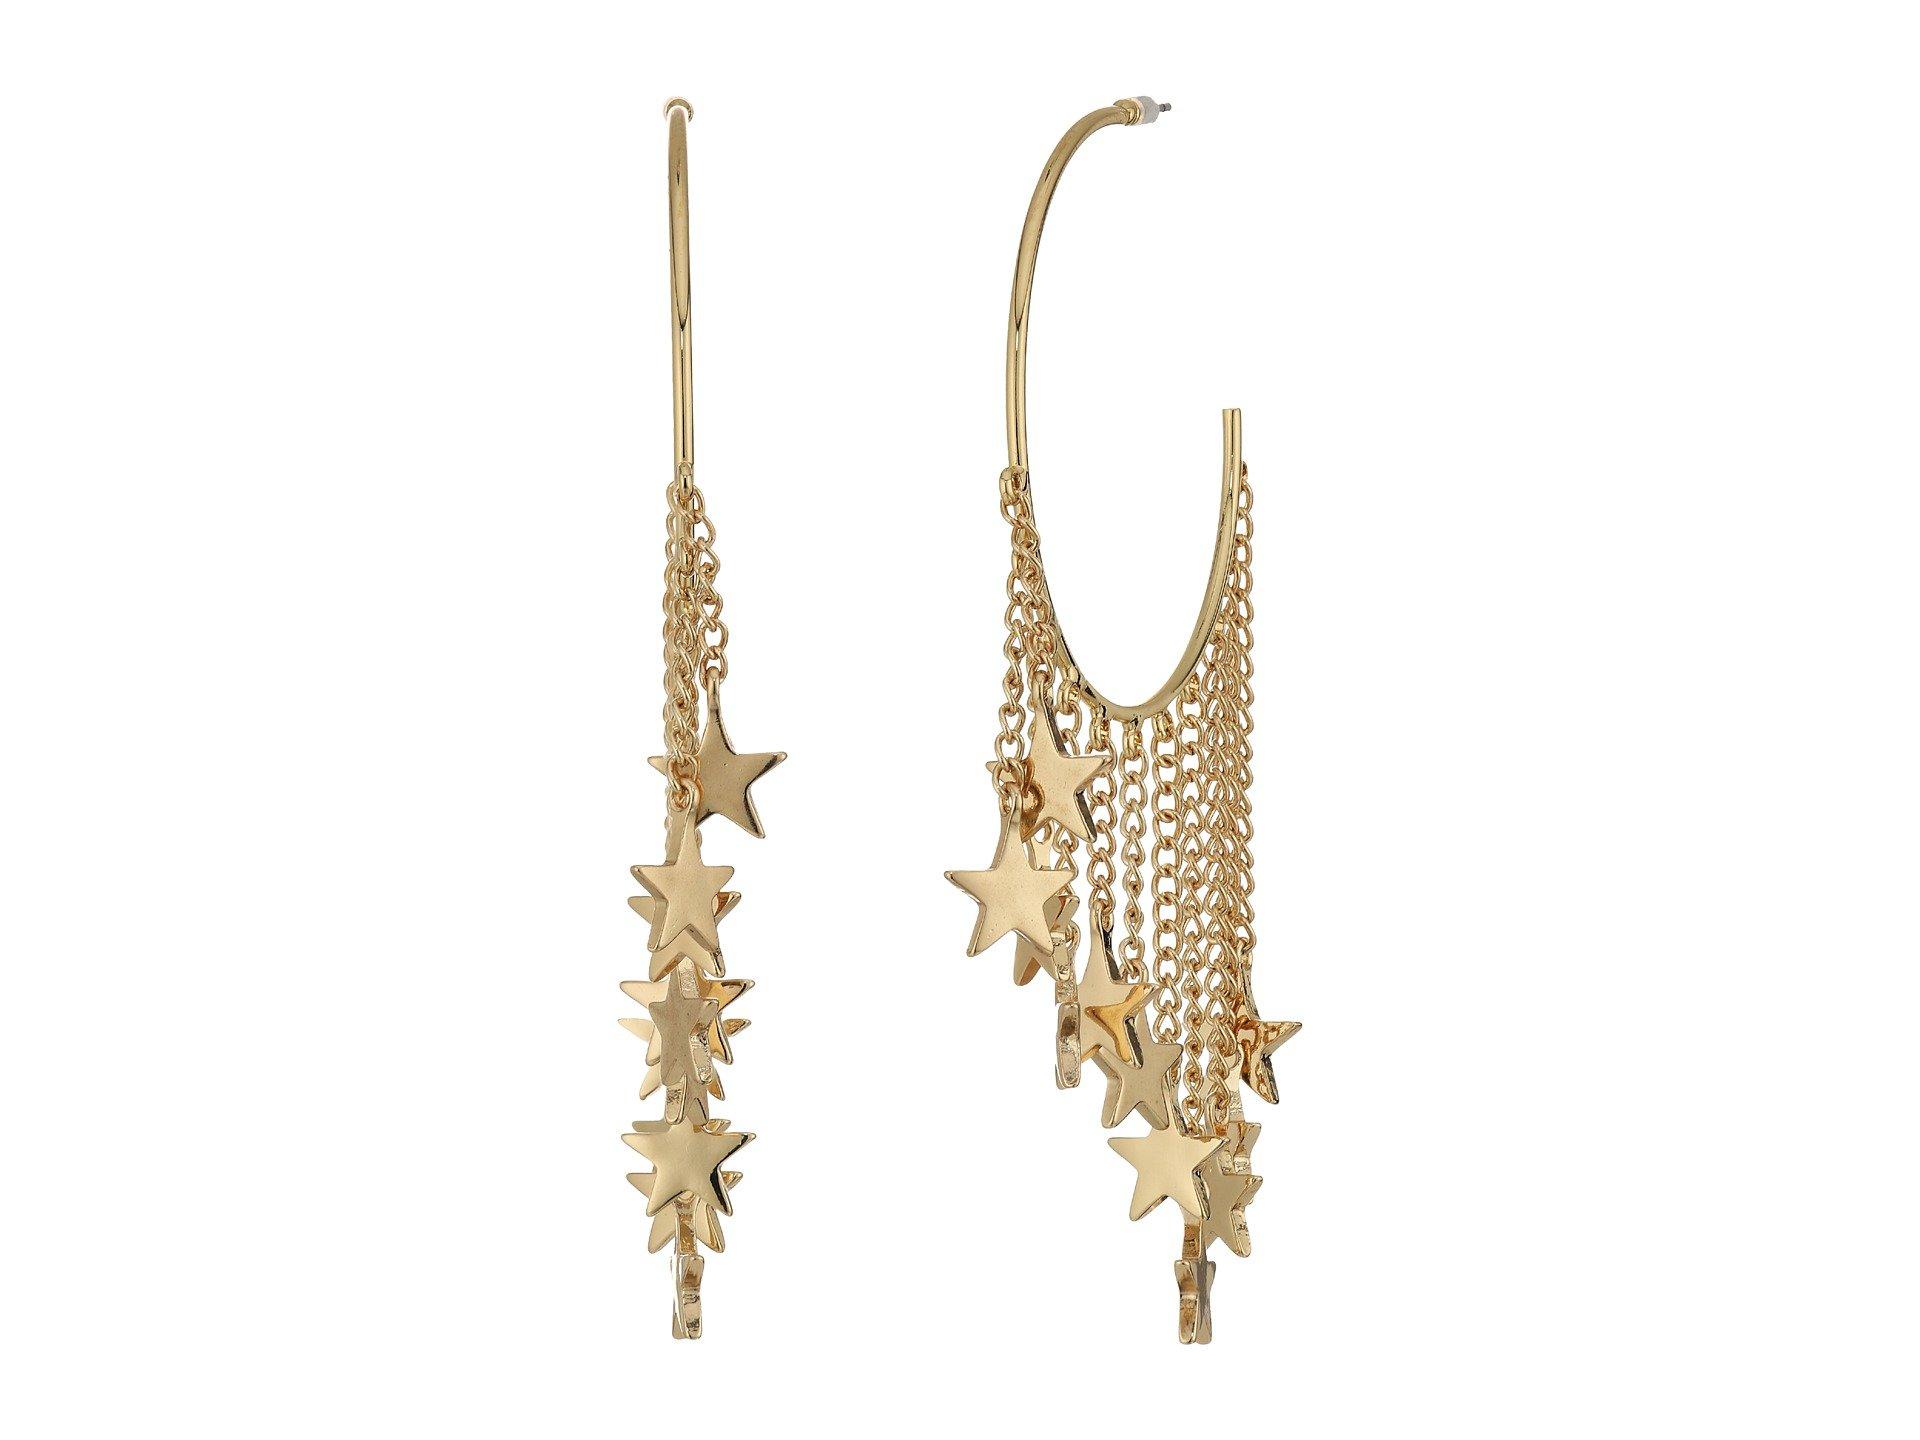 Pendientes para Mujer Steve Madden Dangling Star Charm Hoop Earrings  + Steve Madden en VeoyCompro.net